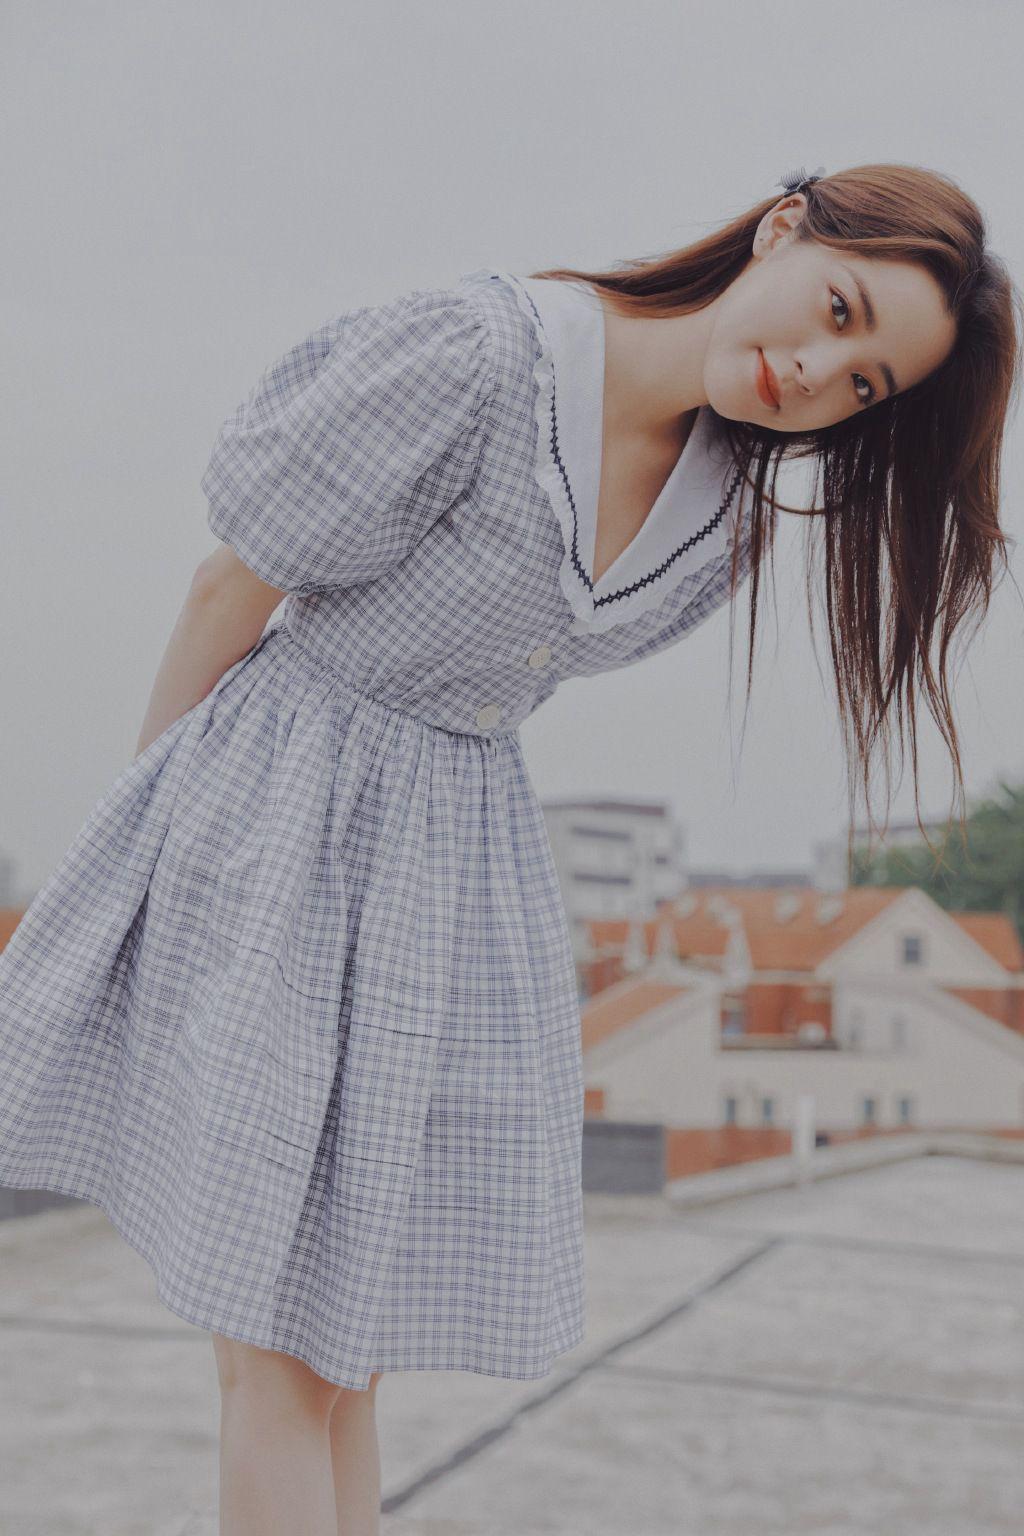 欧阳娜娜治愈系清新格纹连衣裙露天阳台写真图片套图7